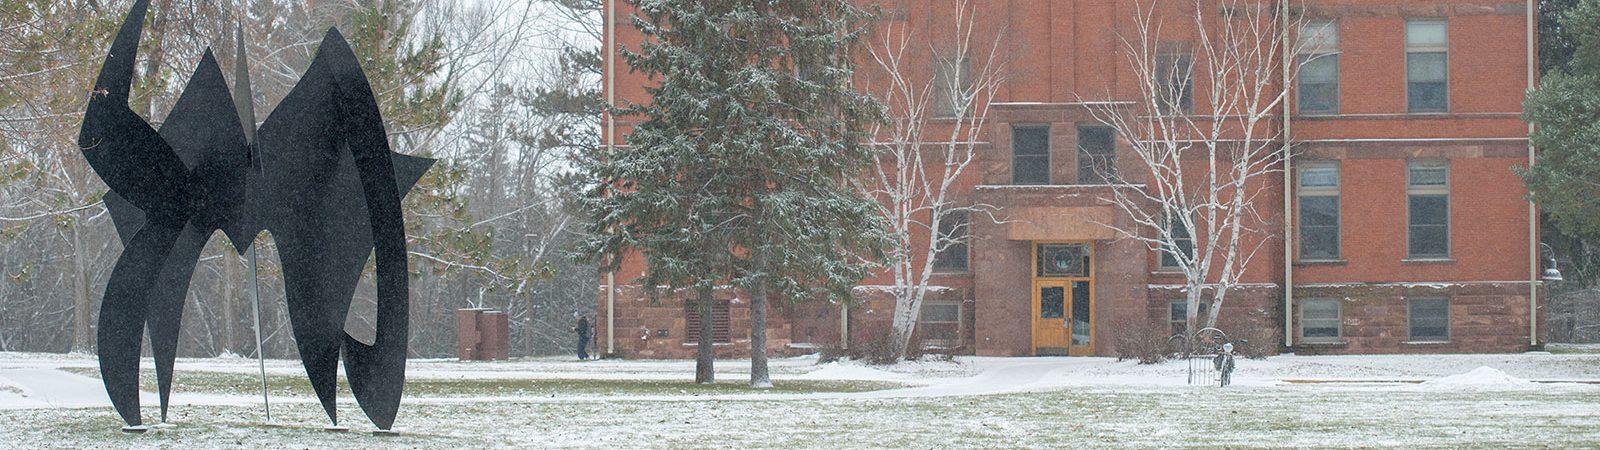 Wheeler Sculpture at Northland College